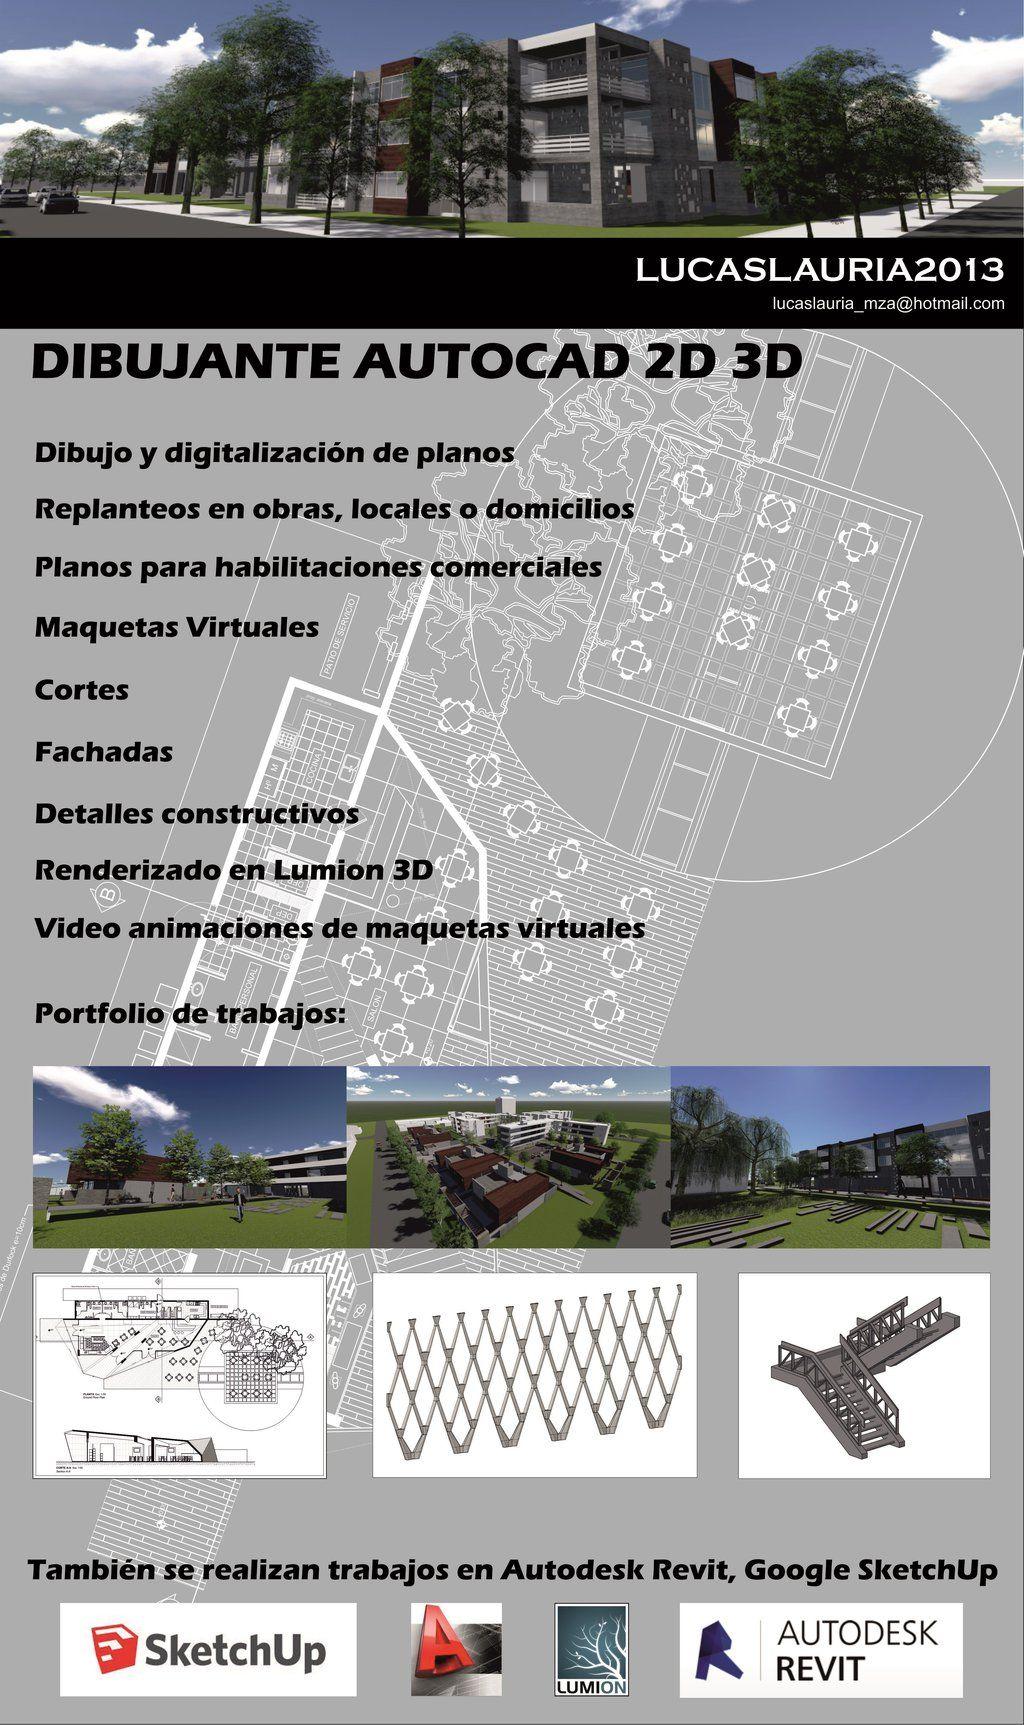 Cadista Dibujante Autocad 2d 3d Planos 50 00 En Mercado Libre Autocad Planos Anuncios De Trabajo